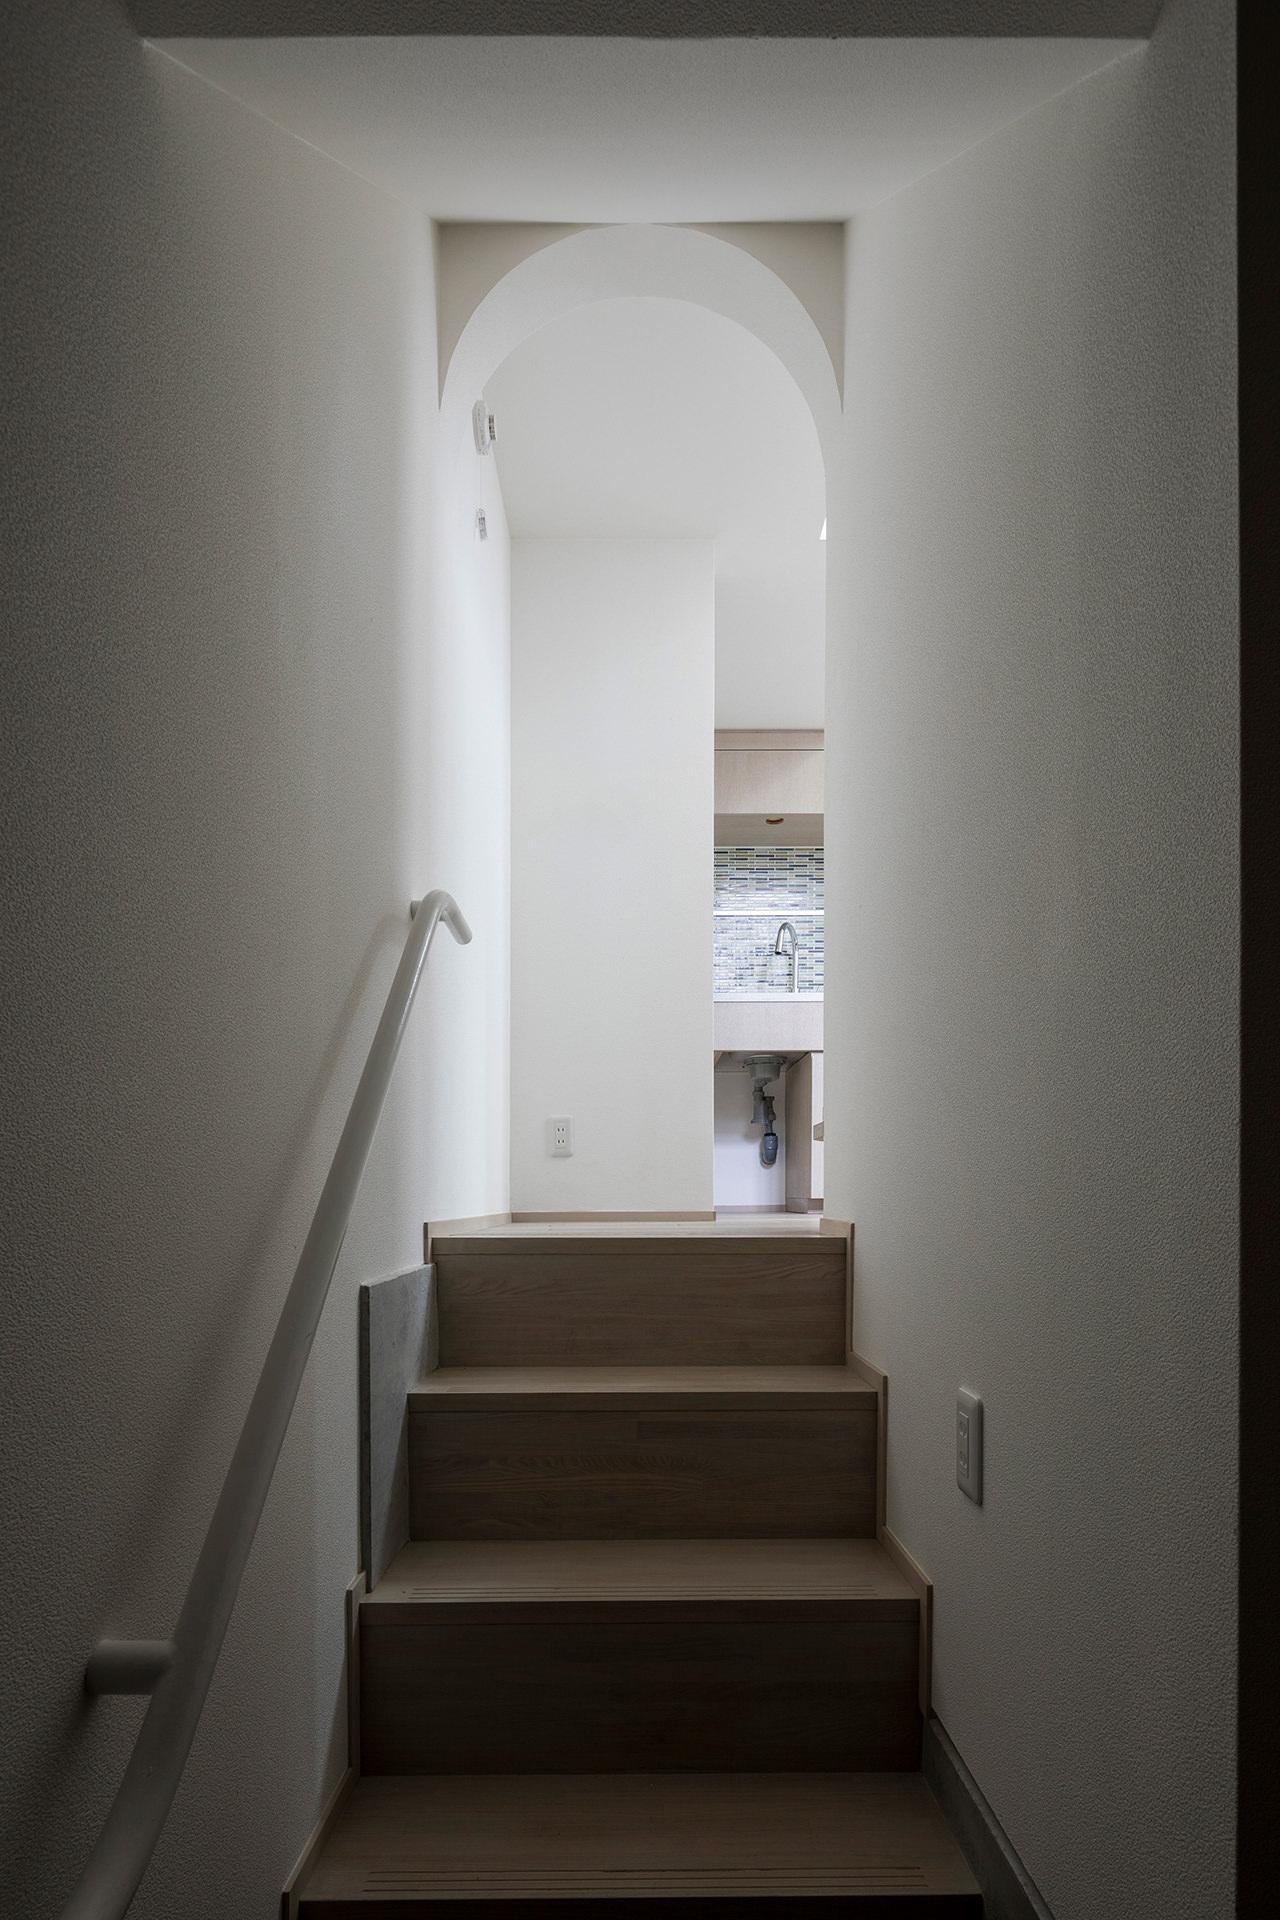 「6坪の家」 イメージ1 撮影:東涌写真事務所・東涌宏和